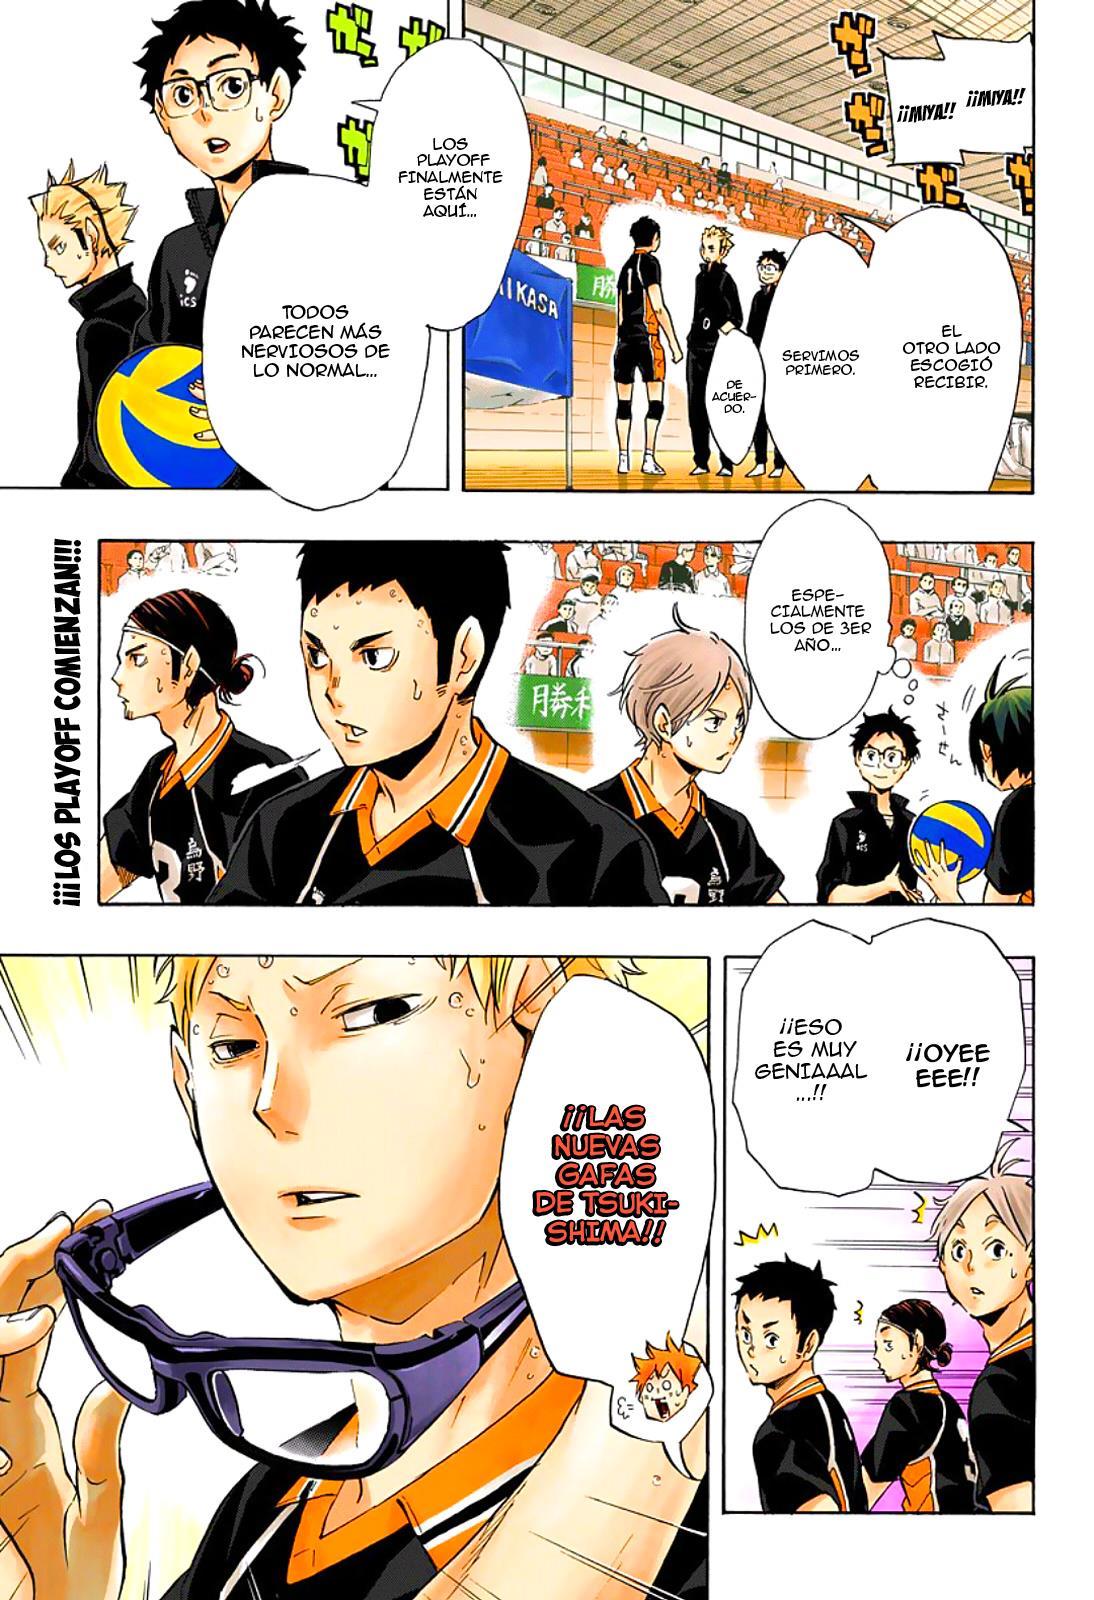 http://c5.ninemanga.com/es_manga/10/10/297855/e866aa8f7d7a7fb20aa9d5fdc705ad5b.jpg Page 5